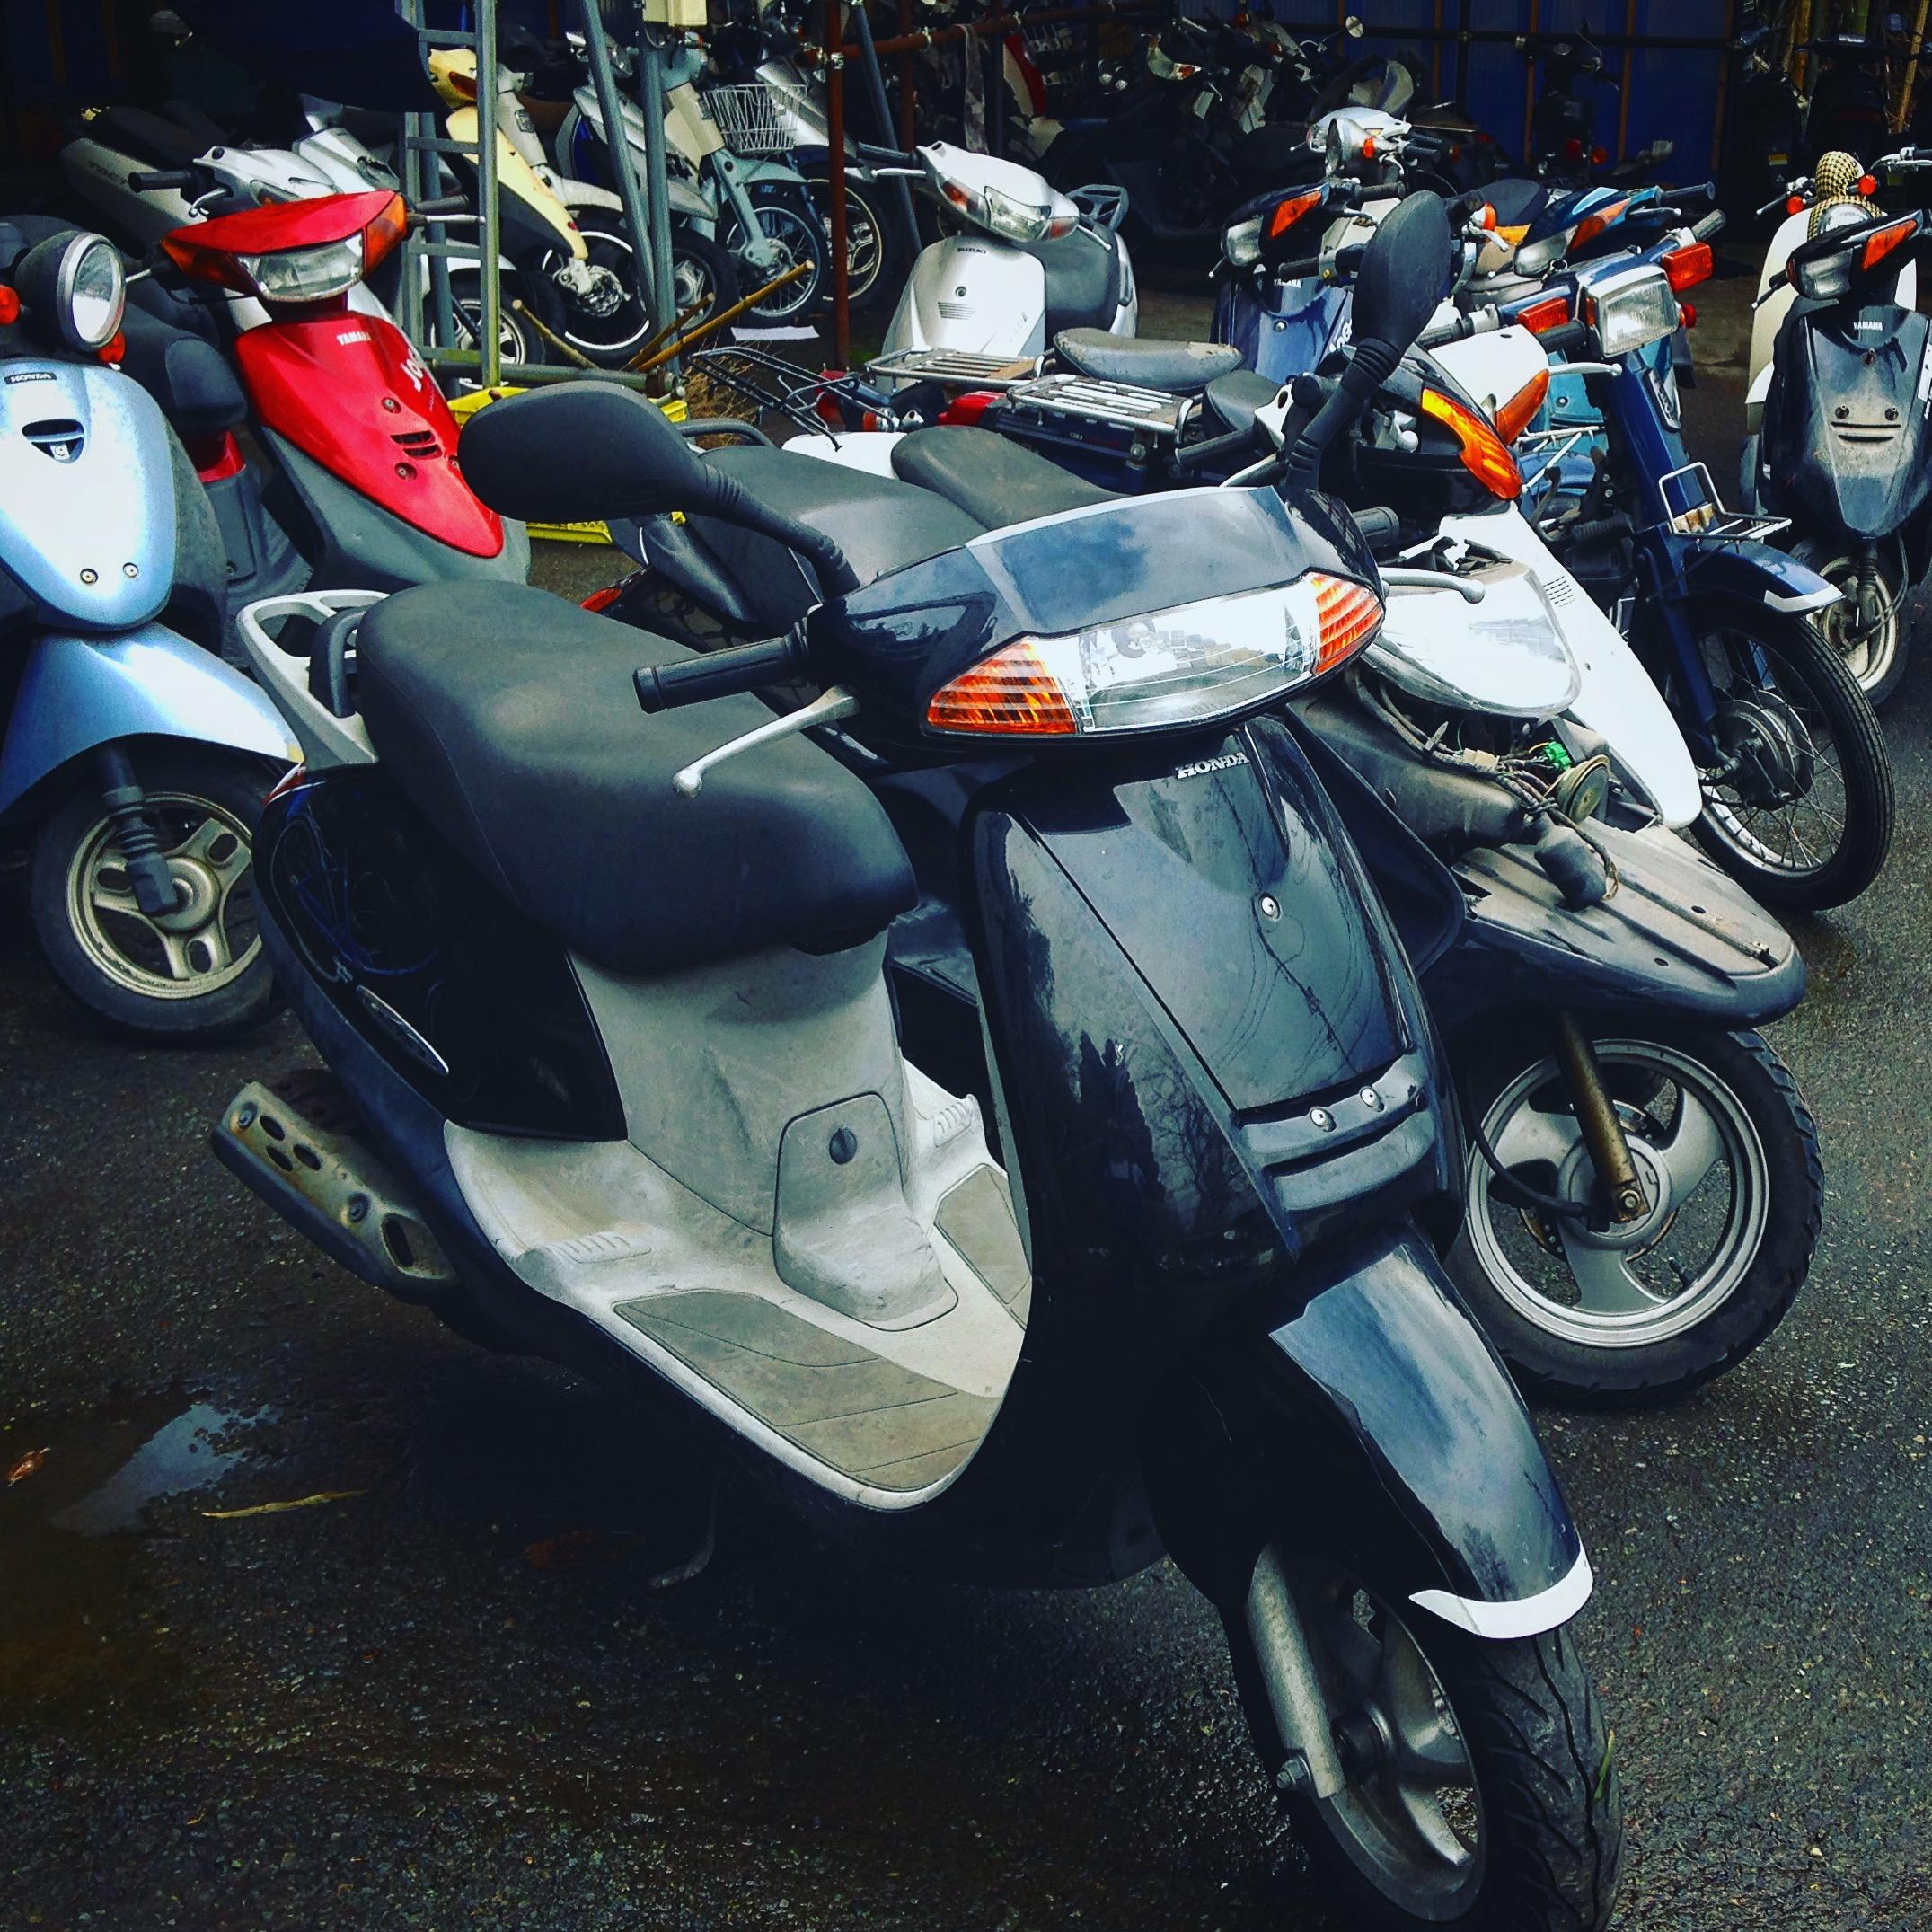 買取処分バイクスクーター、熊本から輸出、みのまるバイク